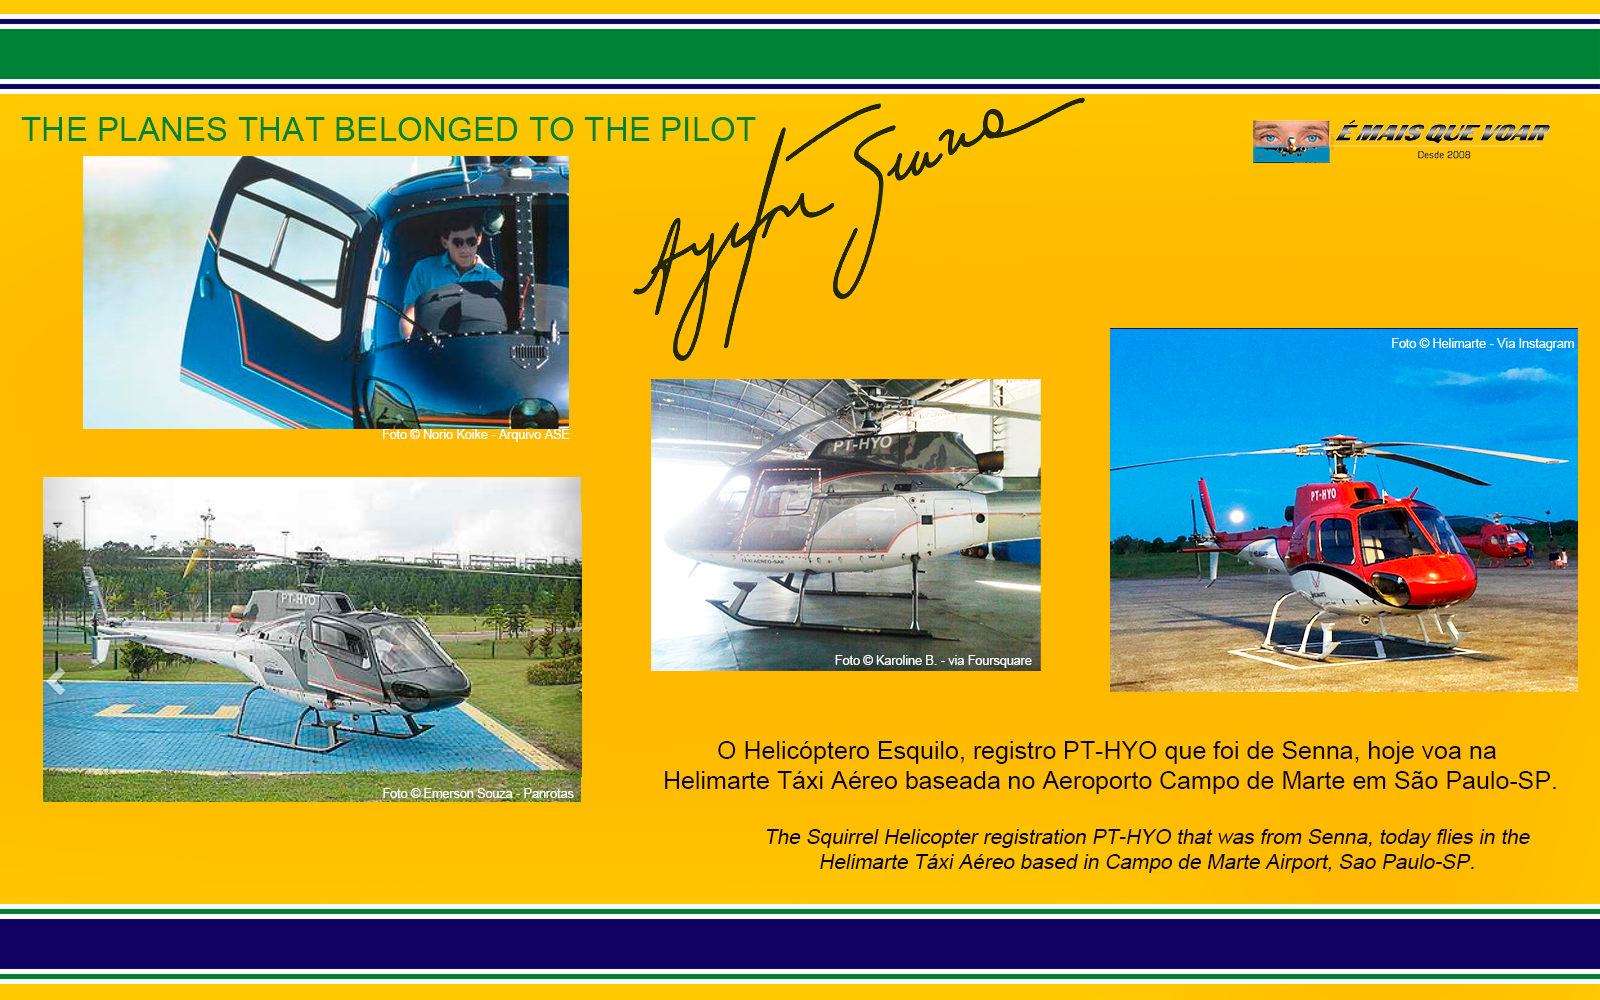 PT-HYO - Esquilo AS350 - Os helicópteros e os aviões que foram do piloto Ayrton Senna? | É MAIS QUE VOAR